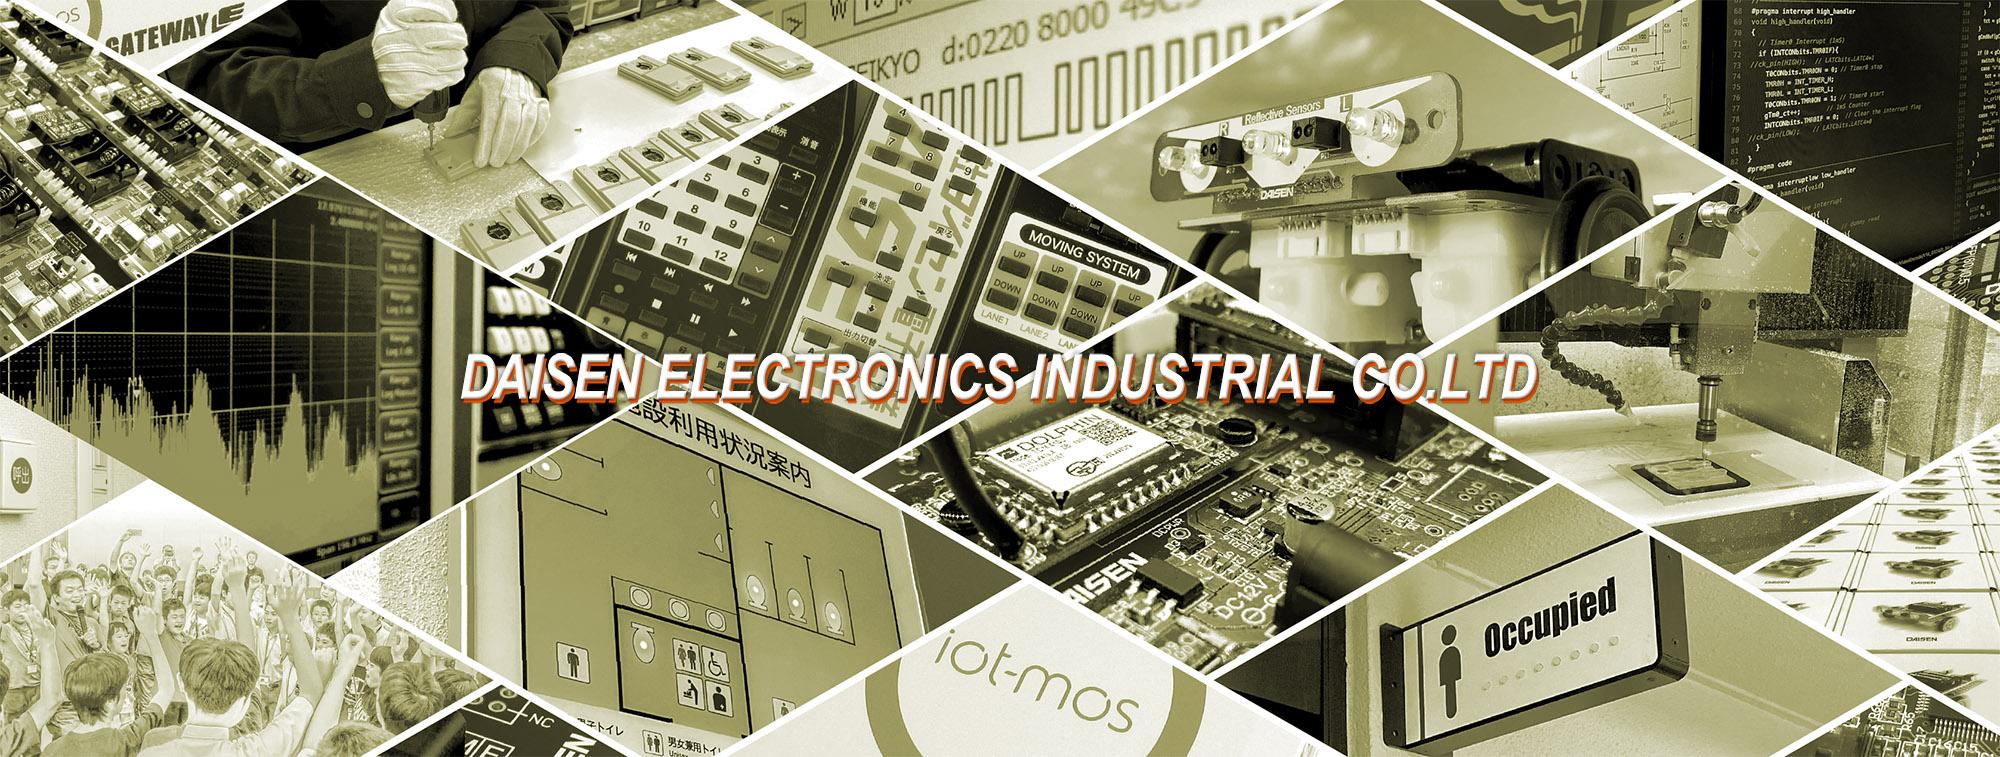 リモコン、電子デバイス、無線花火点火機、教育用ロボットのダイセン電子工業